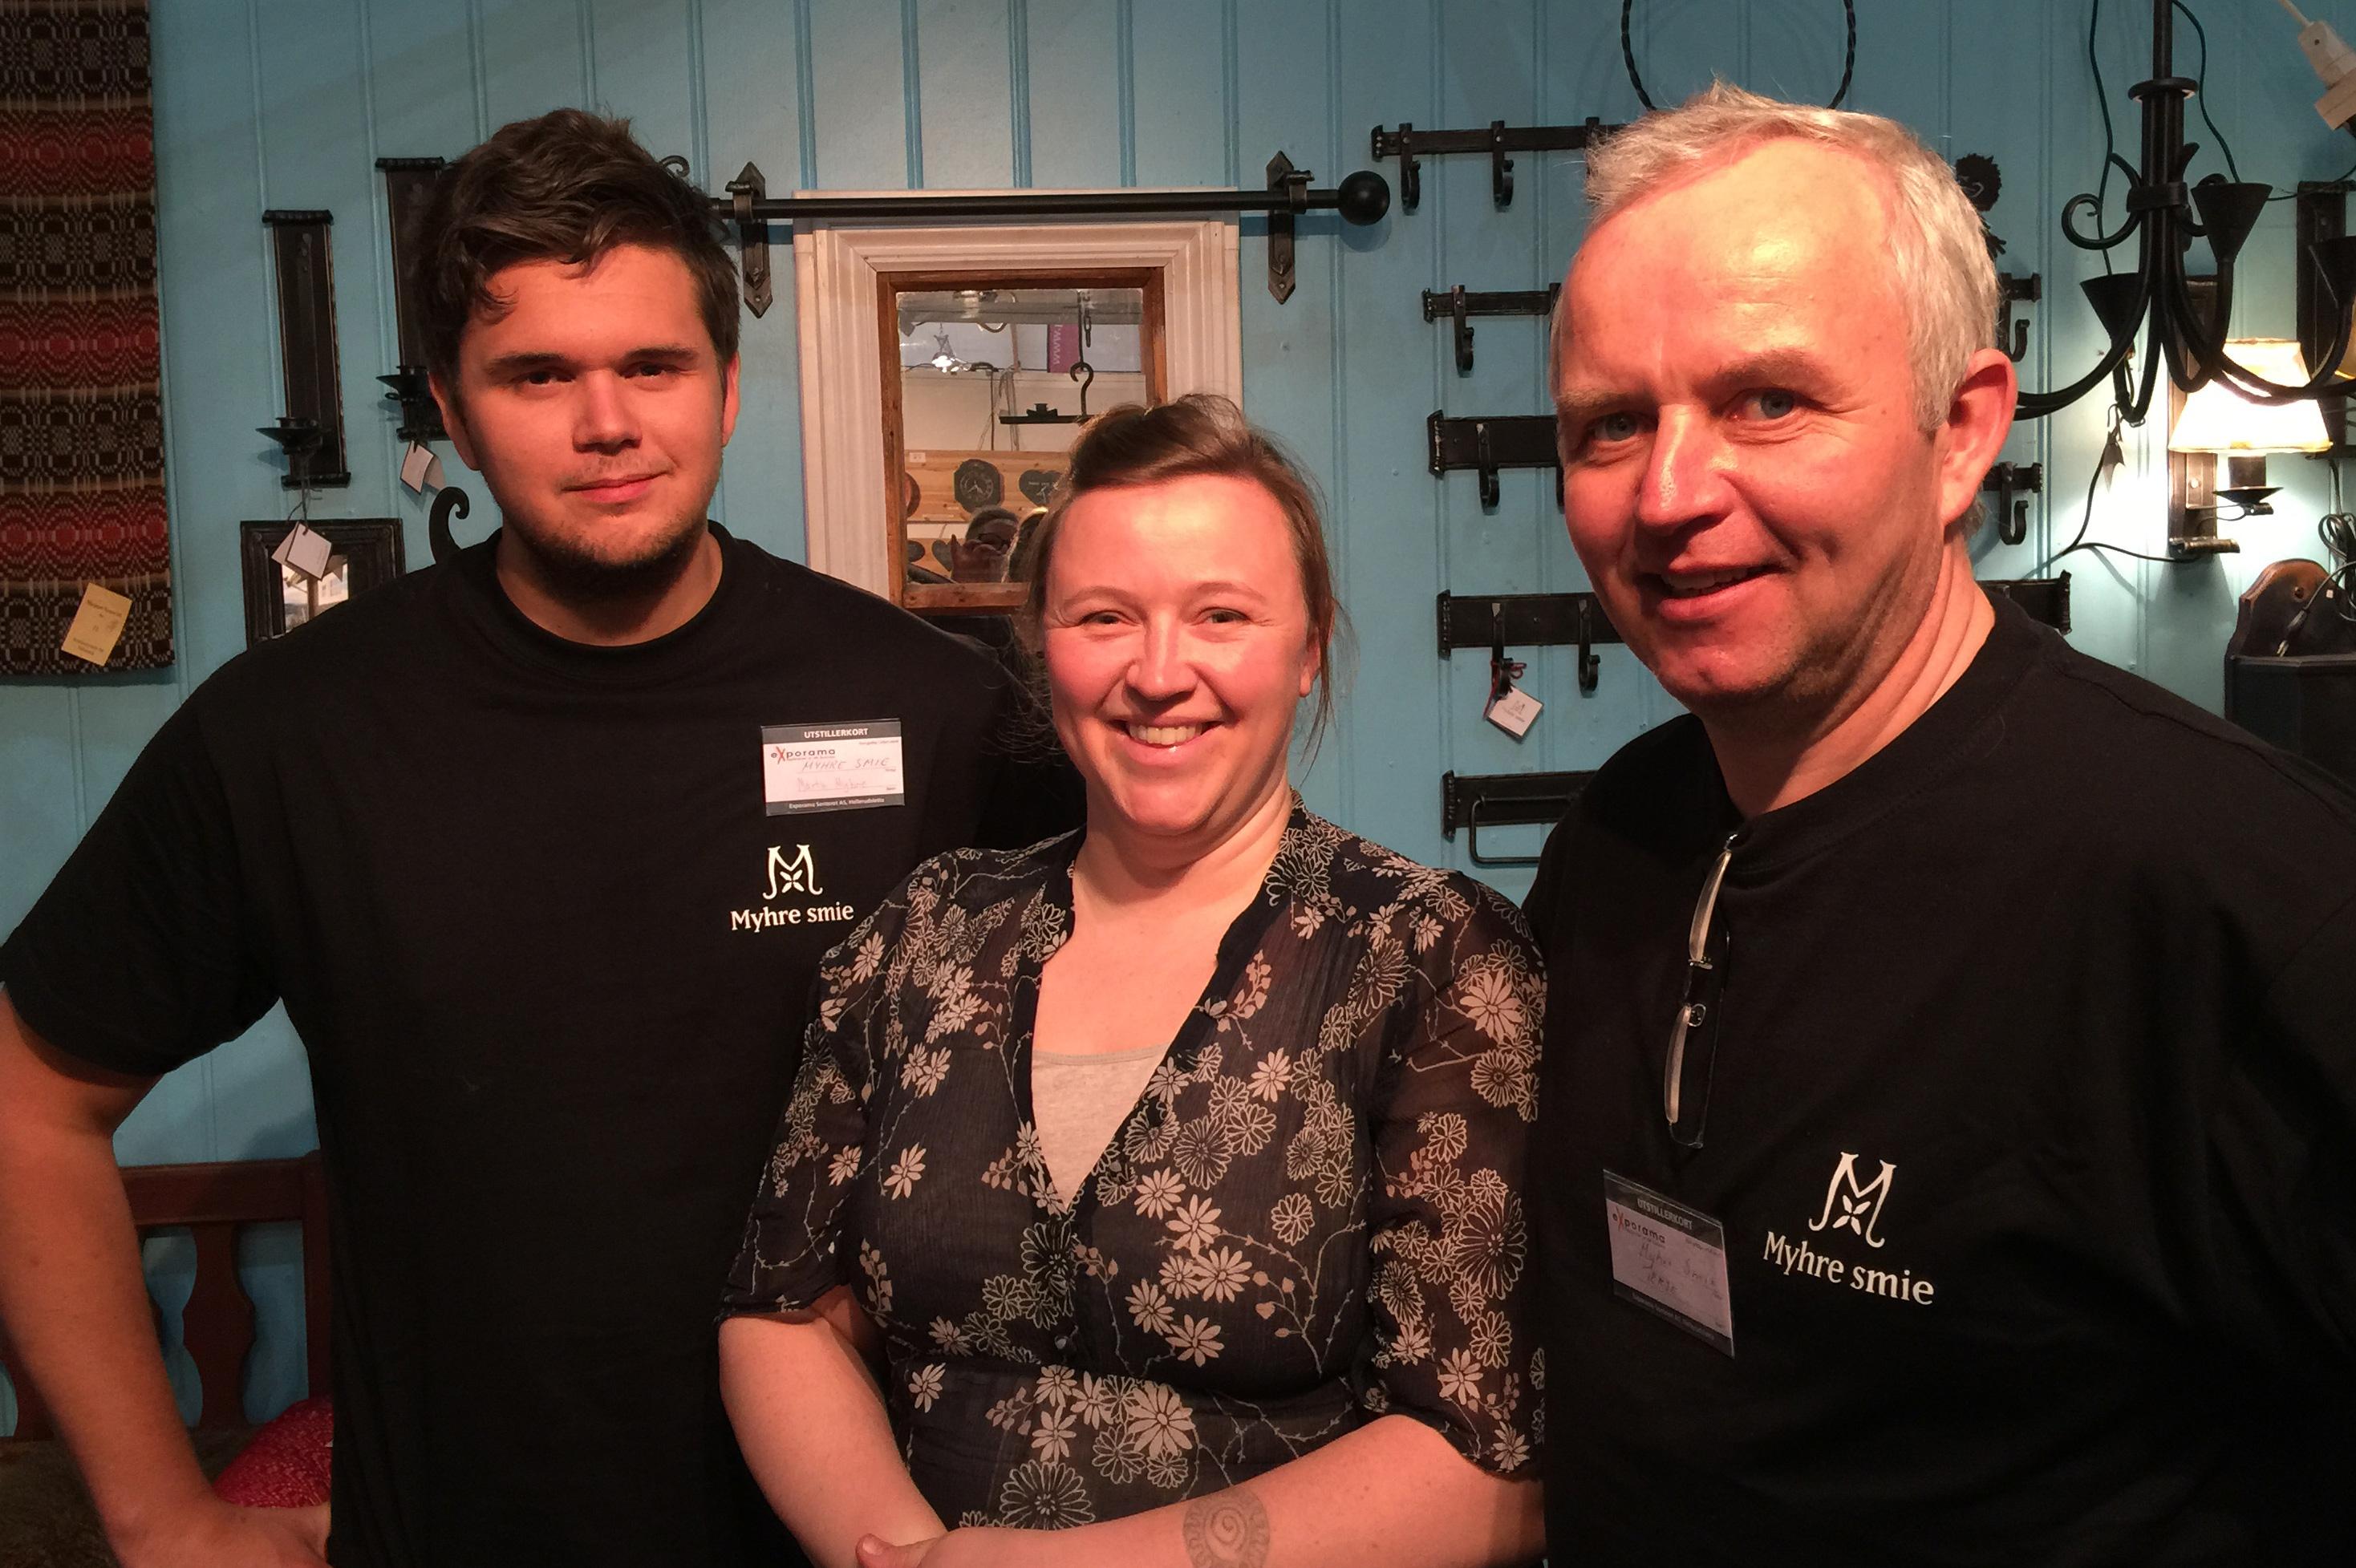 Hyttemessa på Hellerud er i gang med Myhre Smie, her med ærling Martin, Kulturringens Kristine og fagansvarlig Gunnar